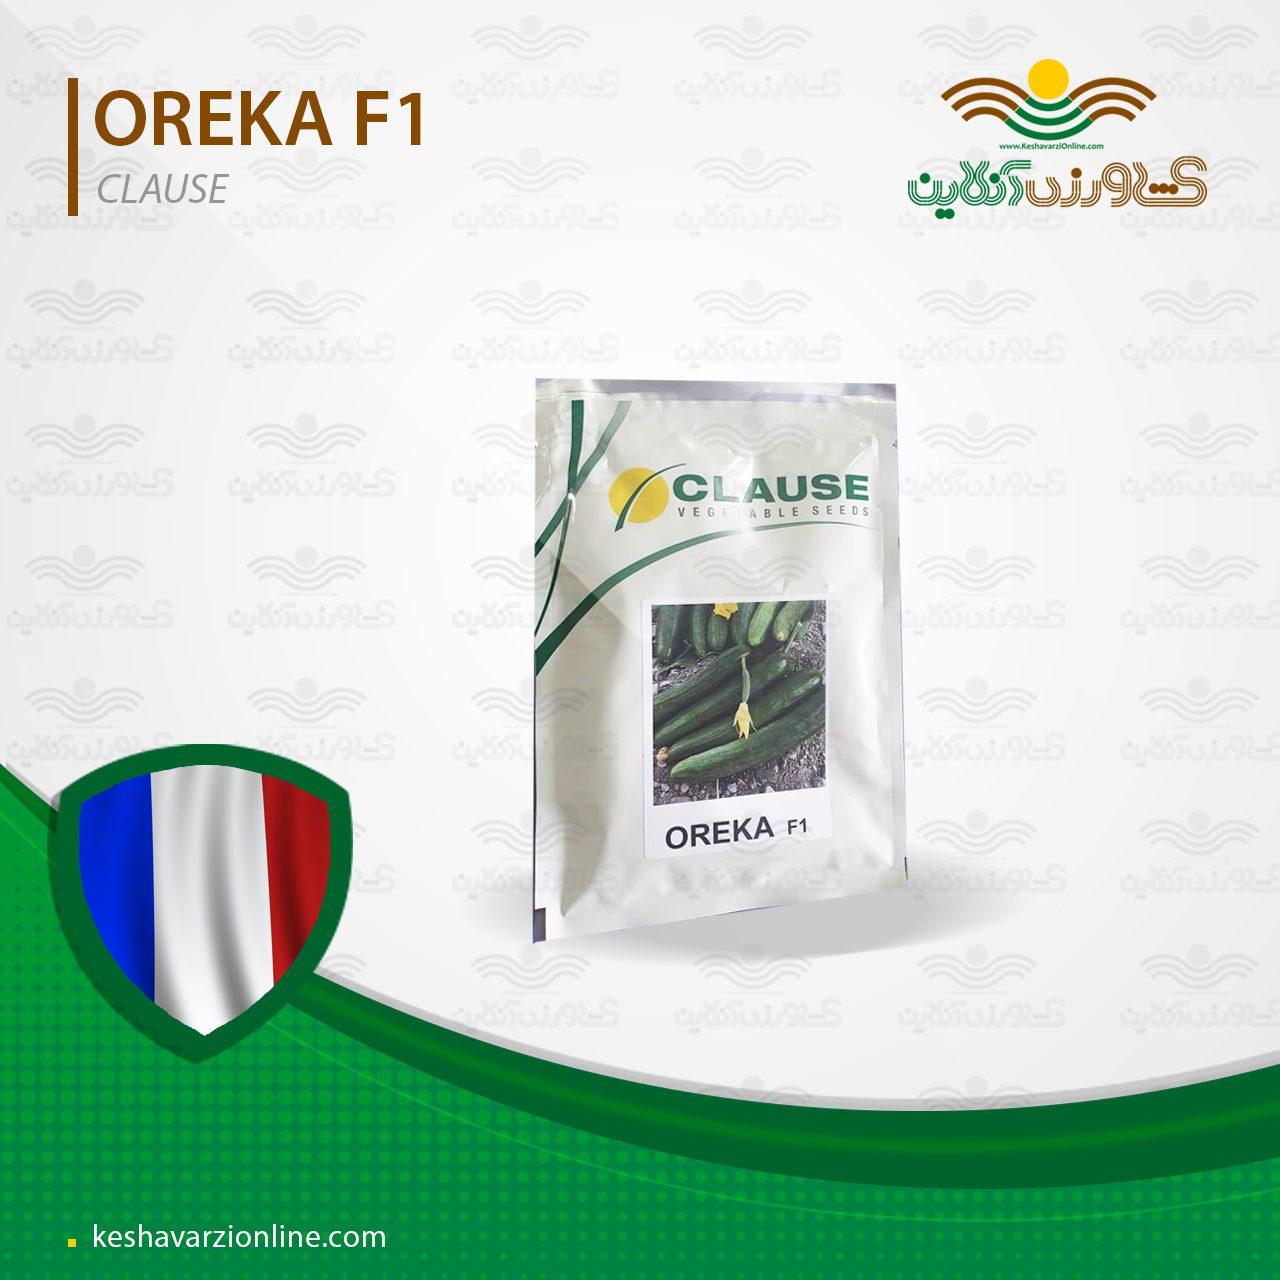 بذر خیار اورکا صد در صد گل ماده پربار و اف یک